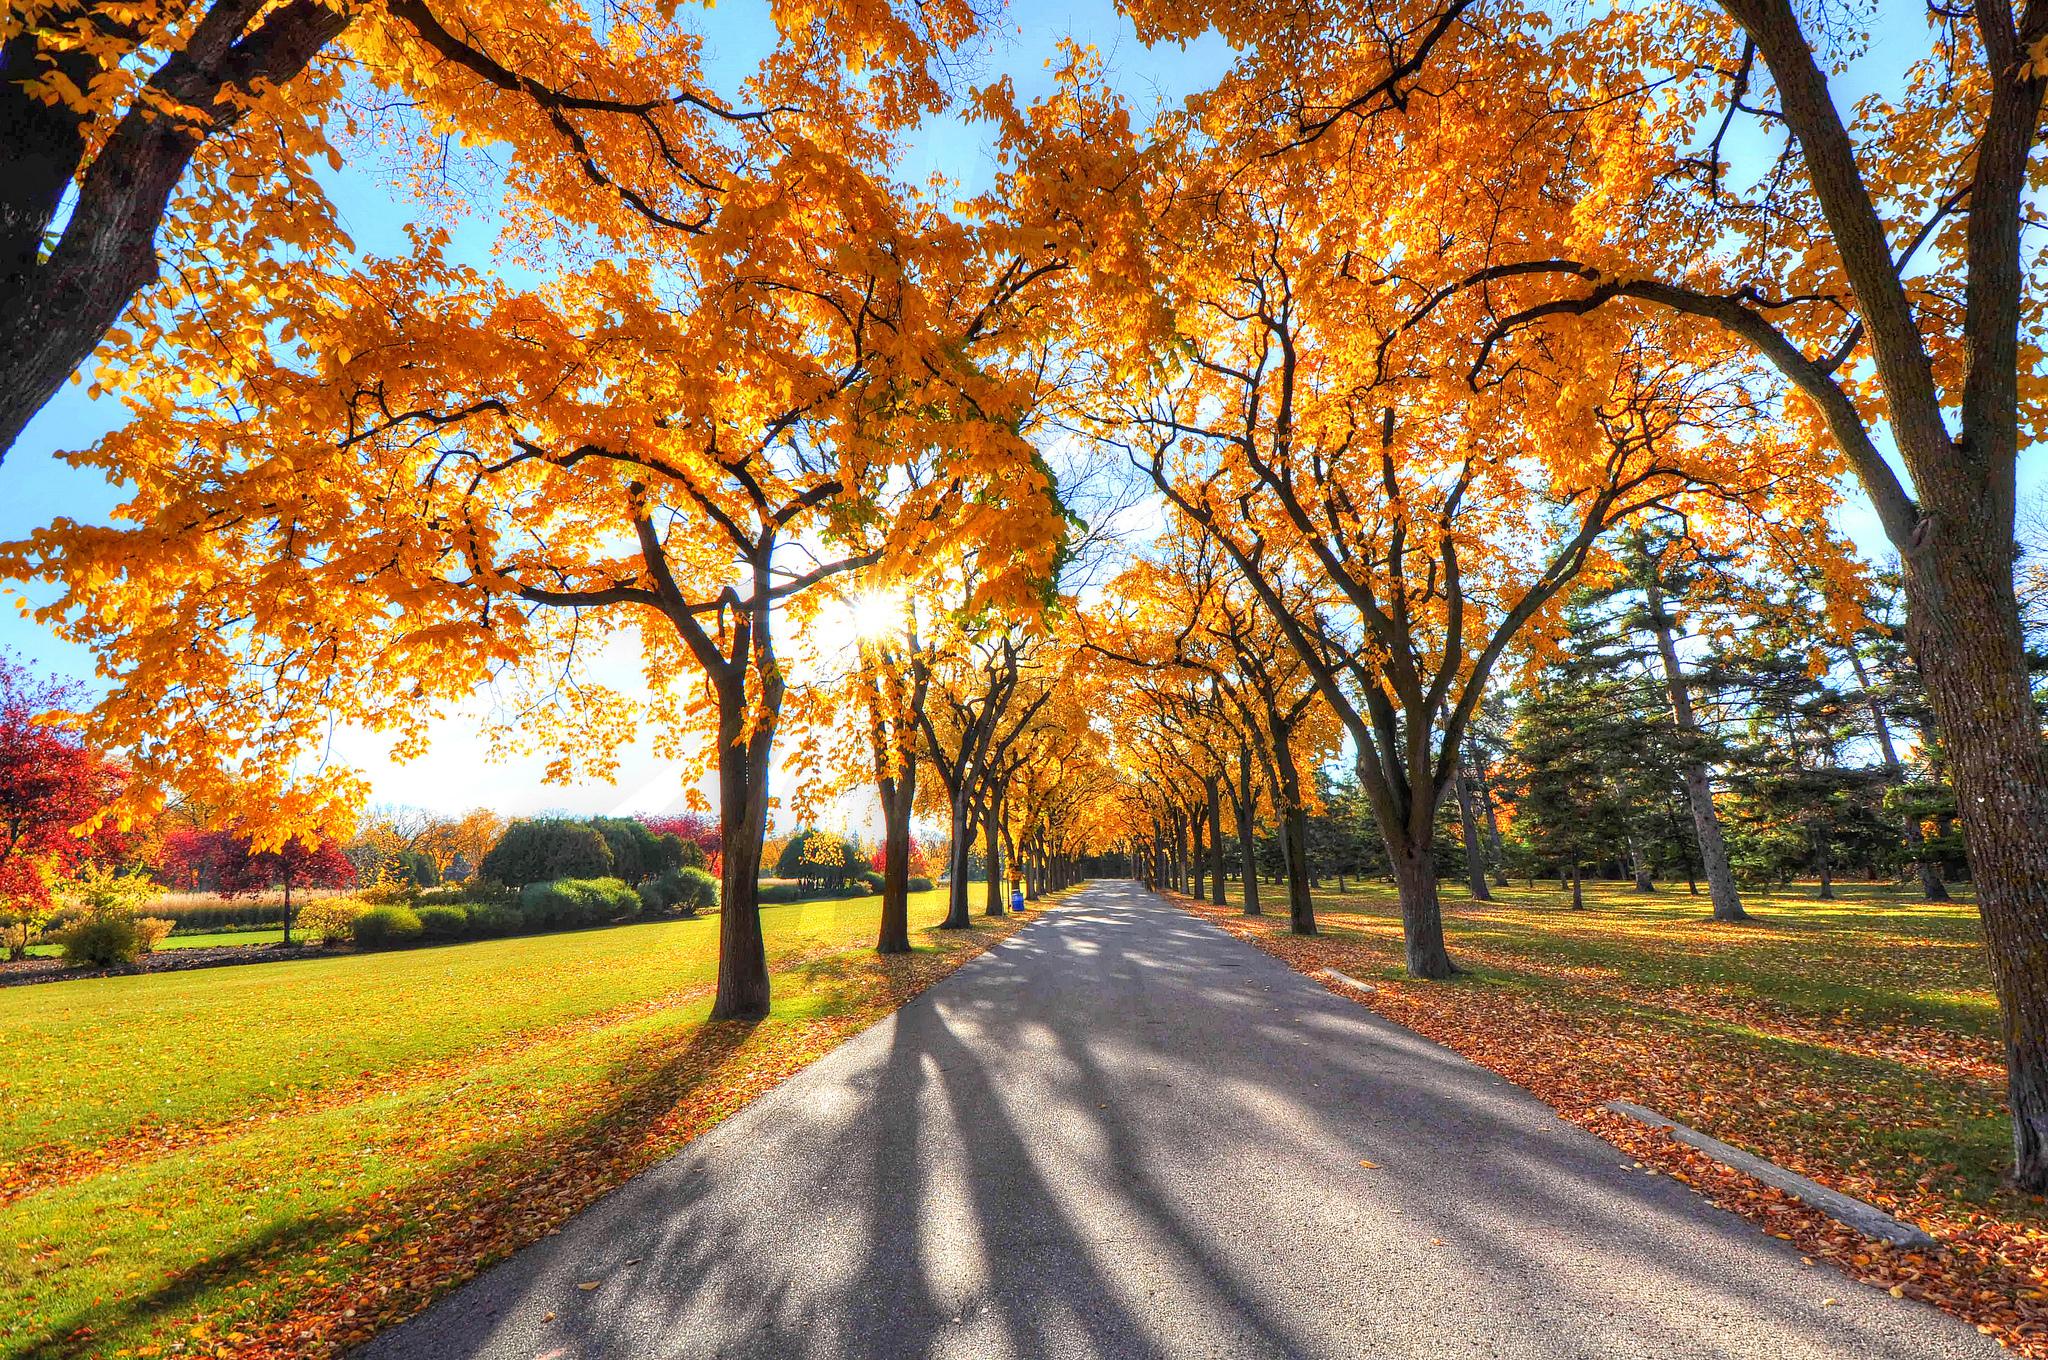 133455 завантажити шпалери Осінь, Природа, Дерева, Парк, Алея, Алеї - заставки і картинки безкоштовно